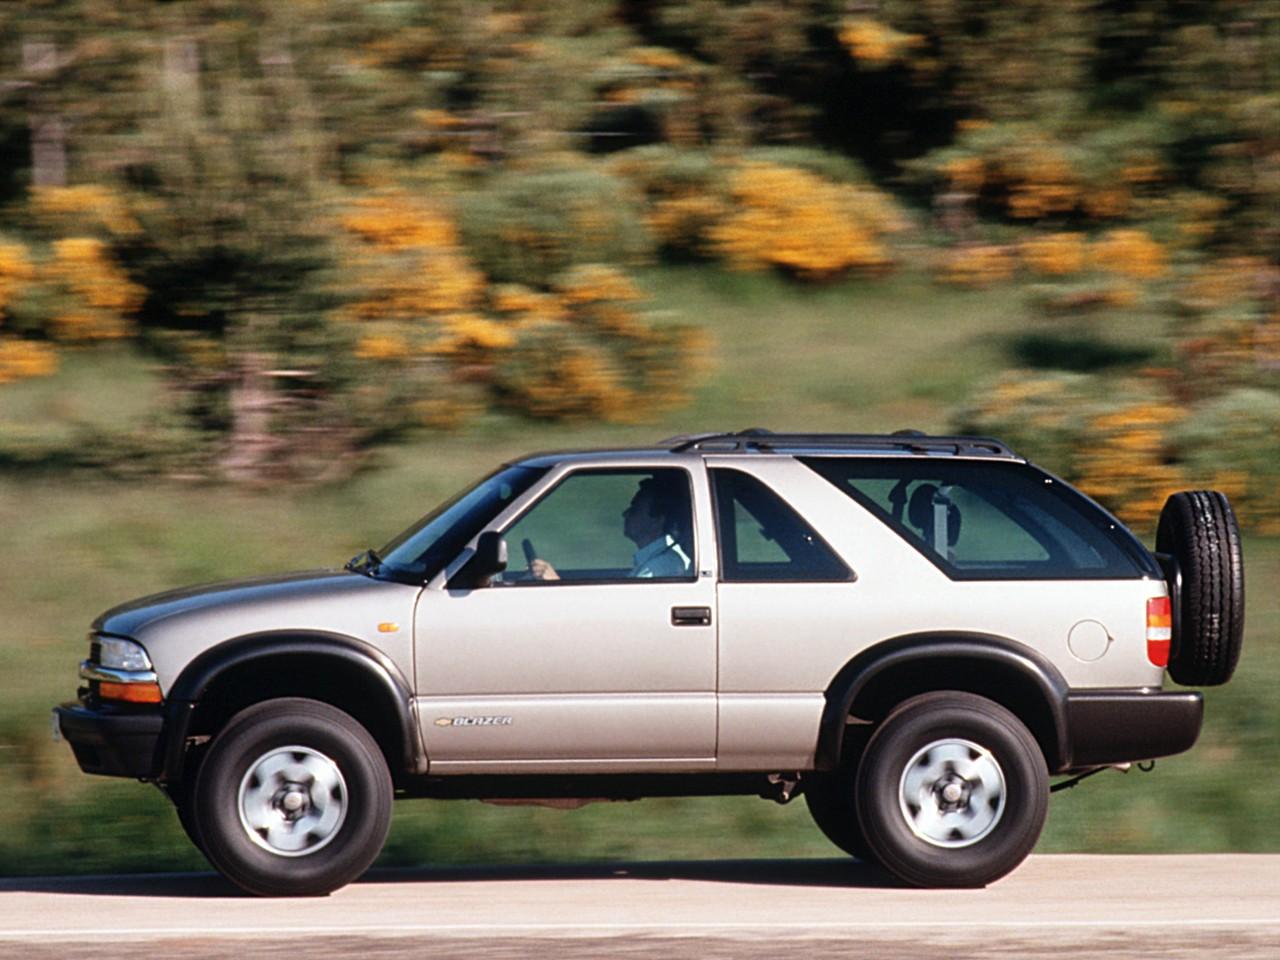 Chevrolet Blazer Doors